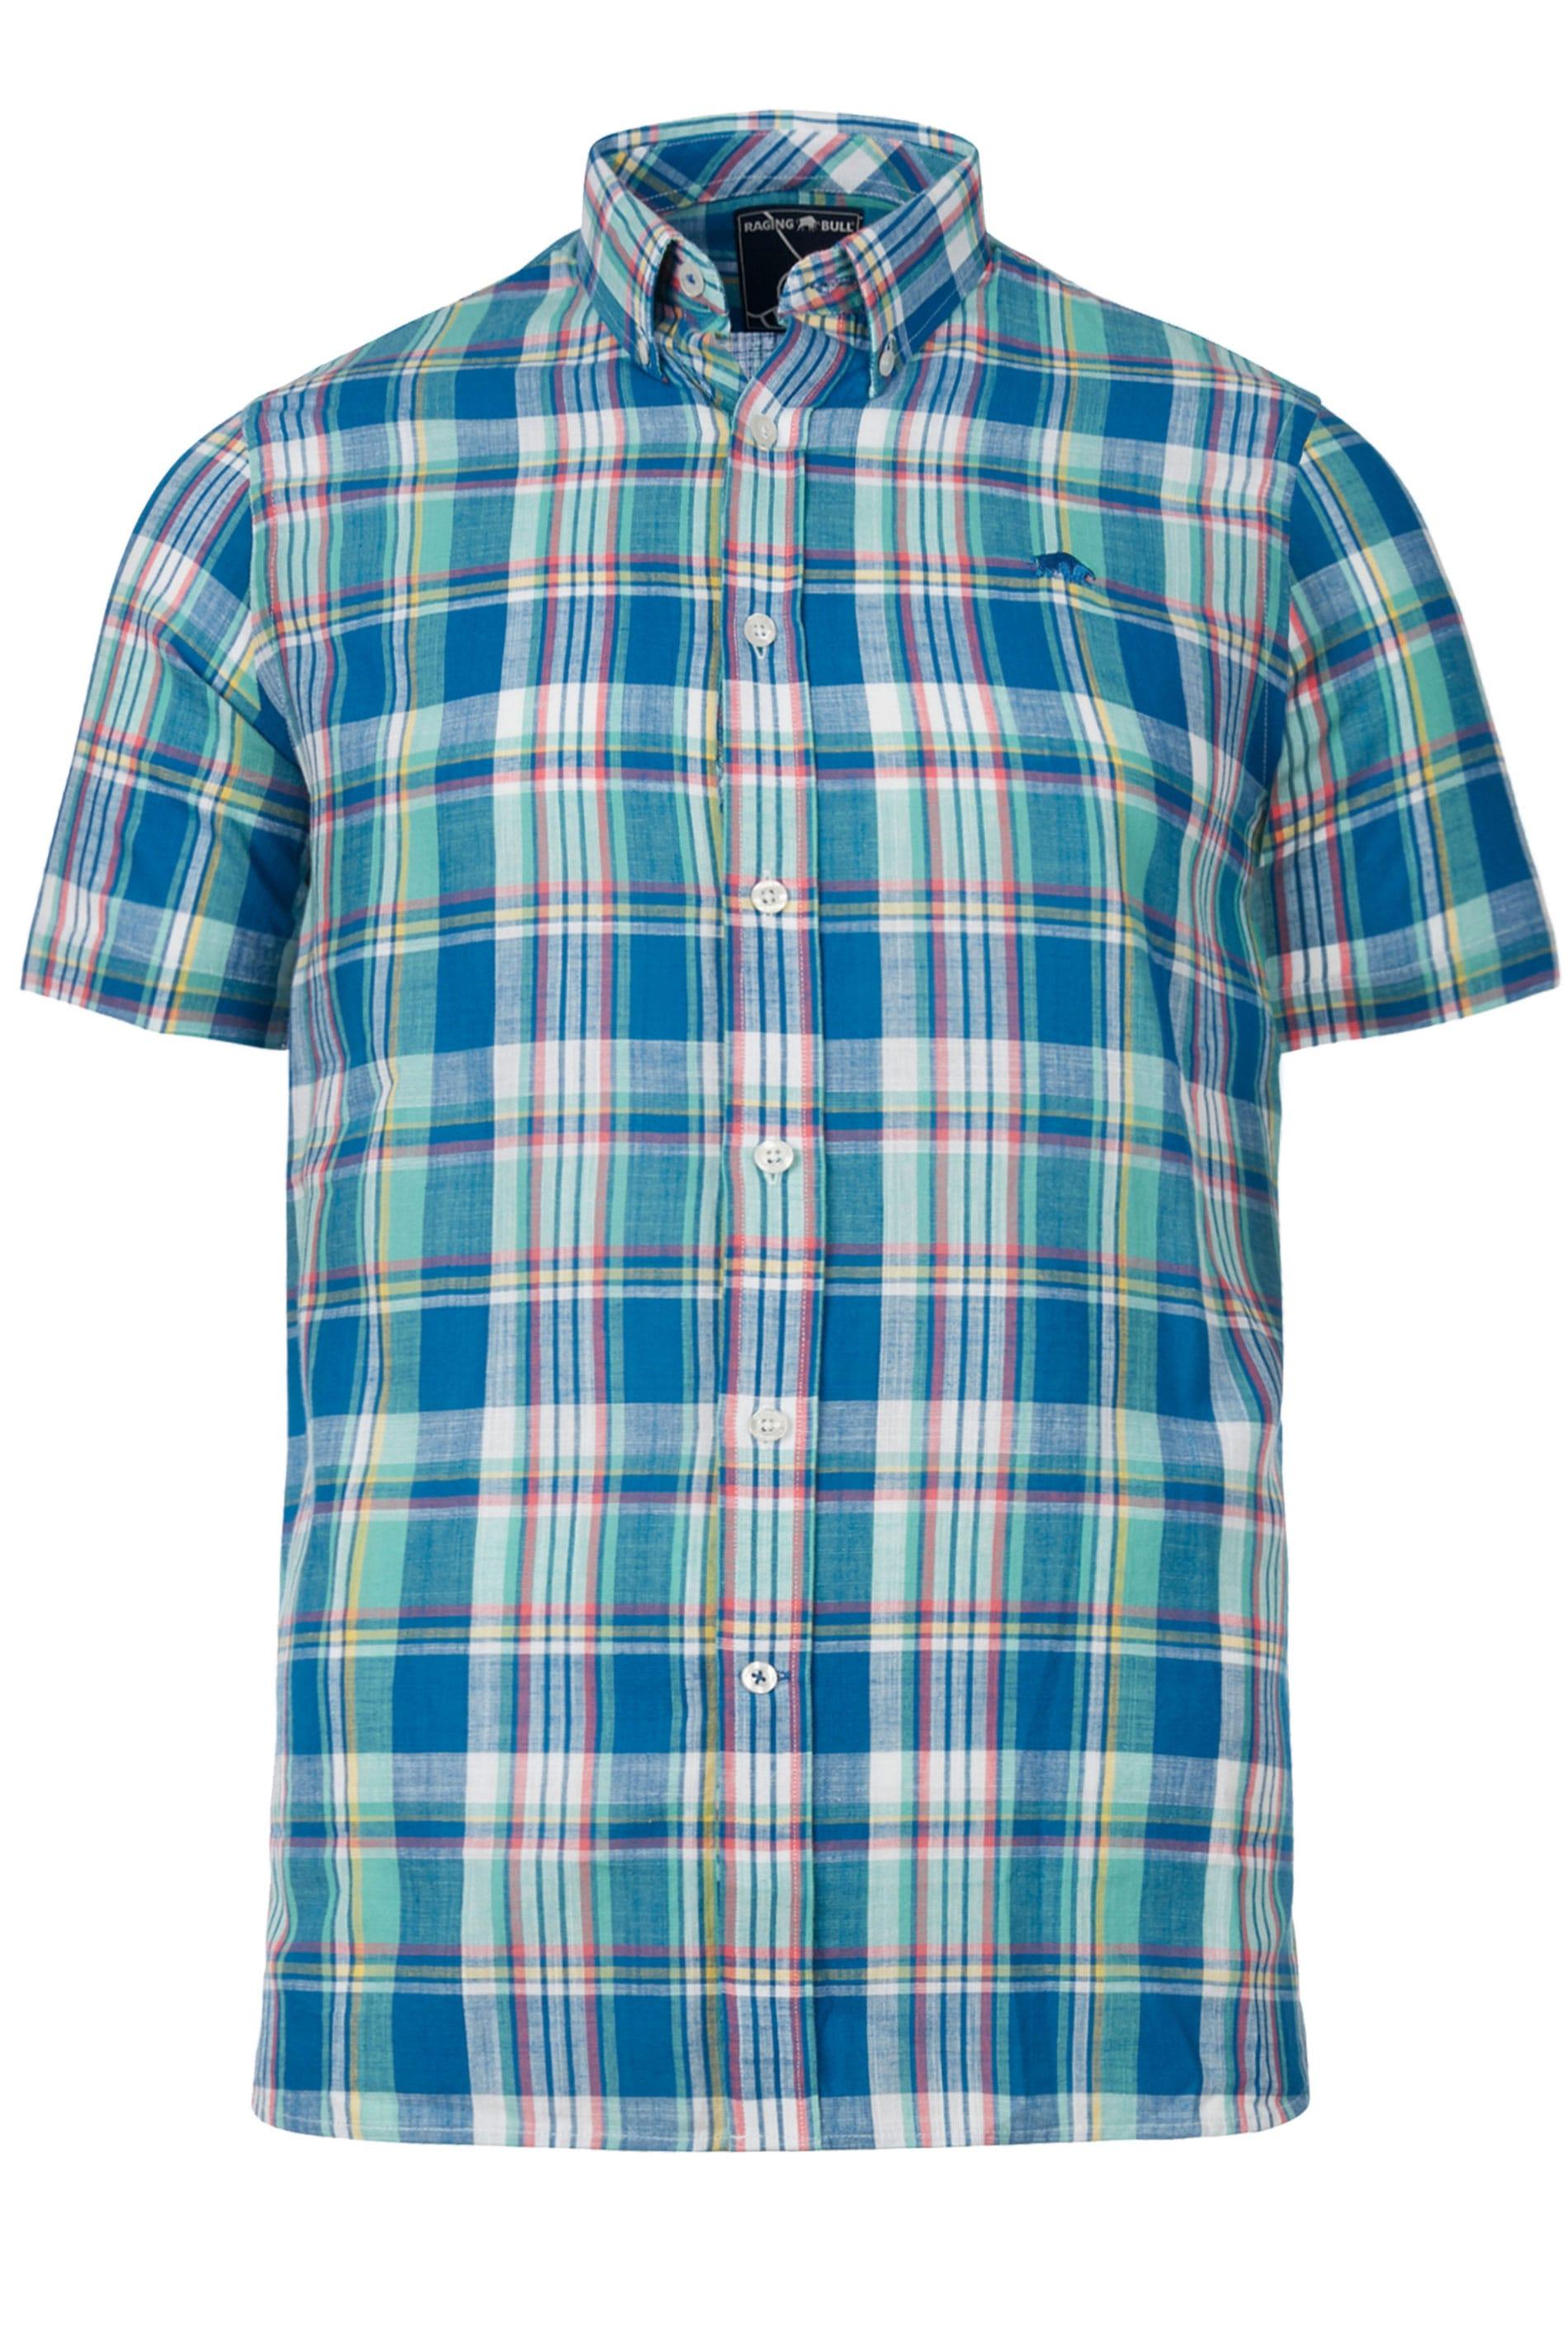 RAGING BULL Green Check Shirt_2a16.jpg